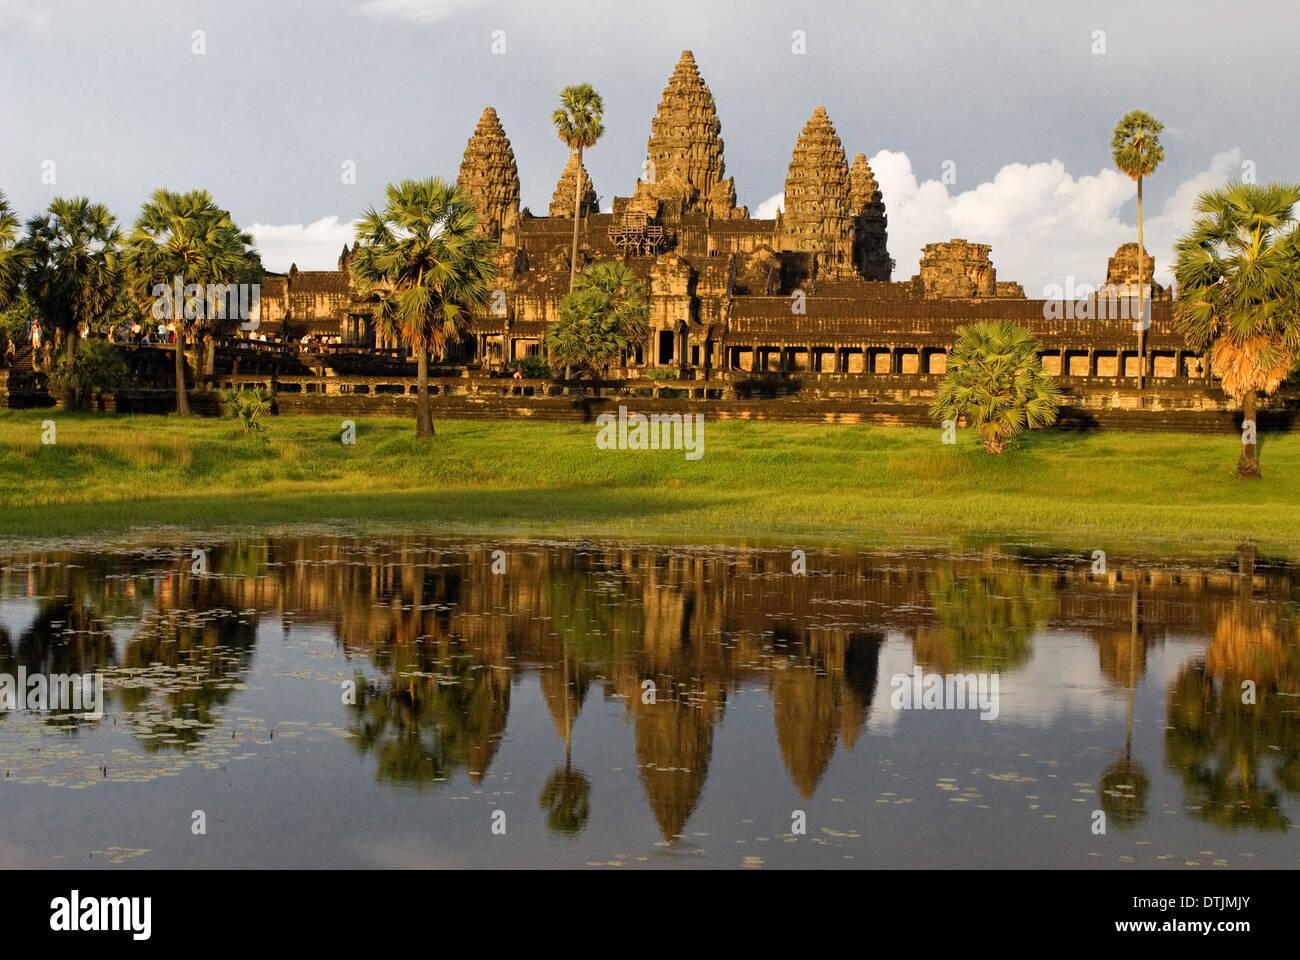 Temple d'Angkor Wat. Les temples d'Angkor sont des structures hautement symbolique. Le premier concept est l'Hindu temple-montagne, où Photo Stock